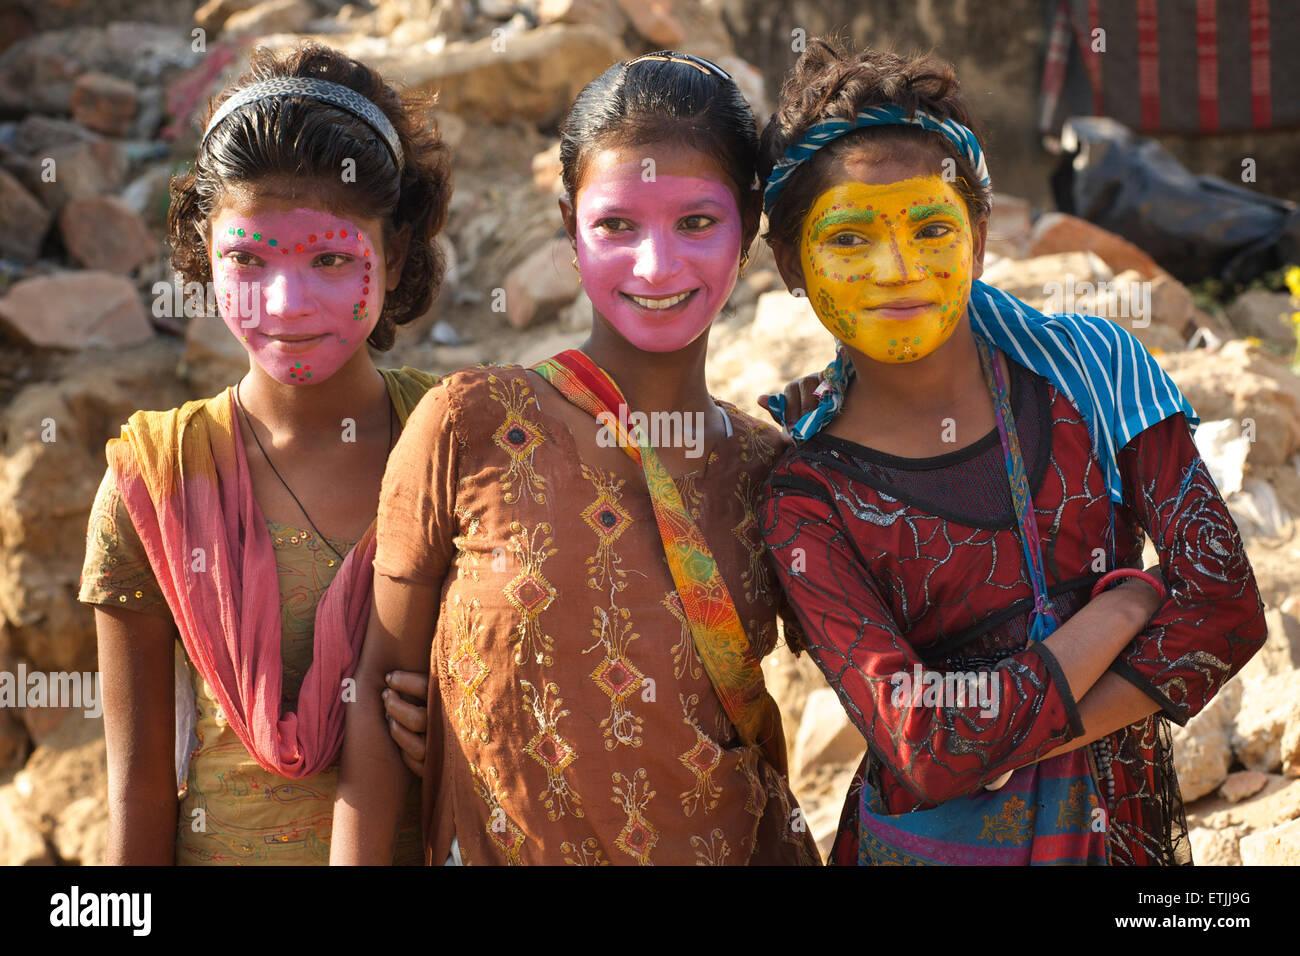 Nude teen girls of jodhpur congratulate, seems